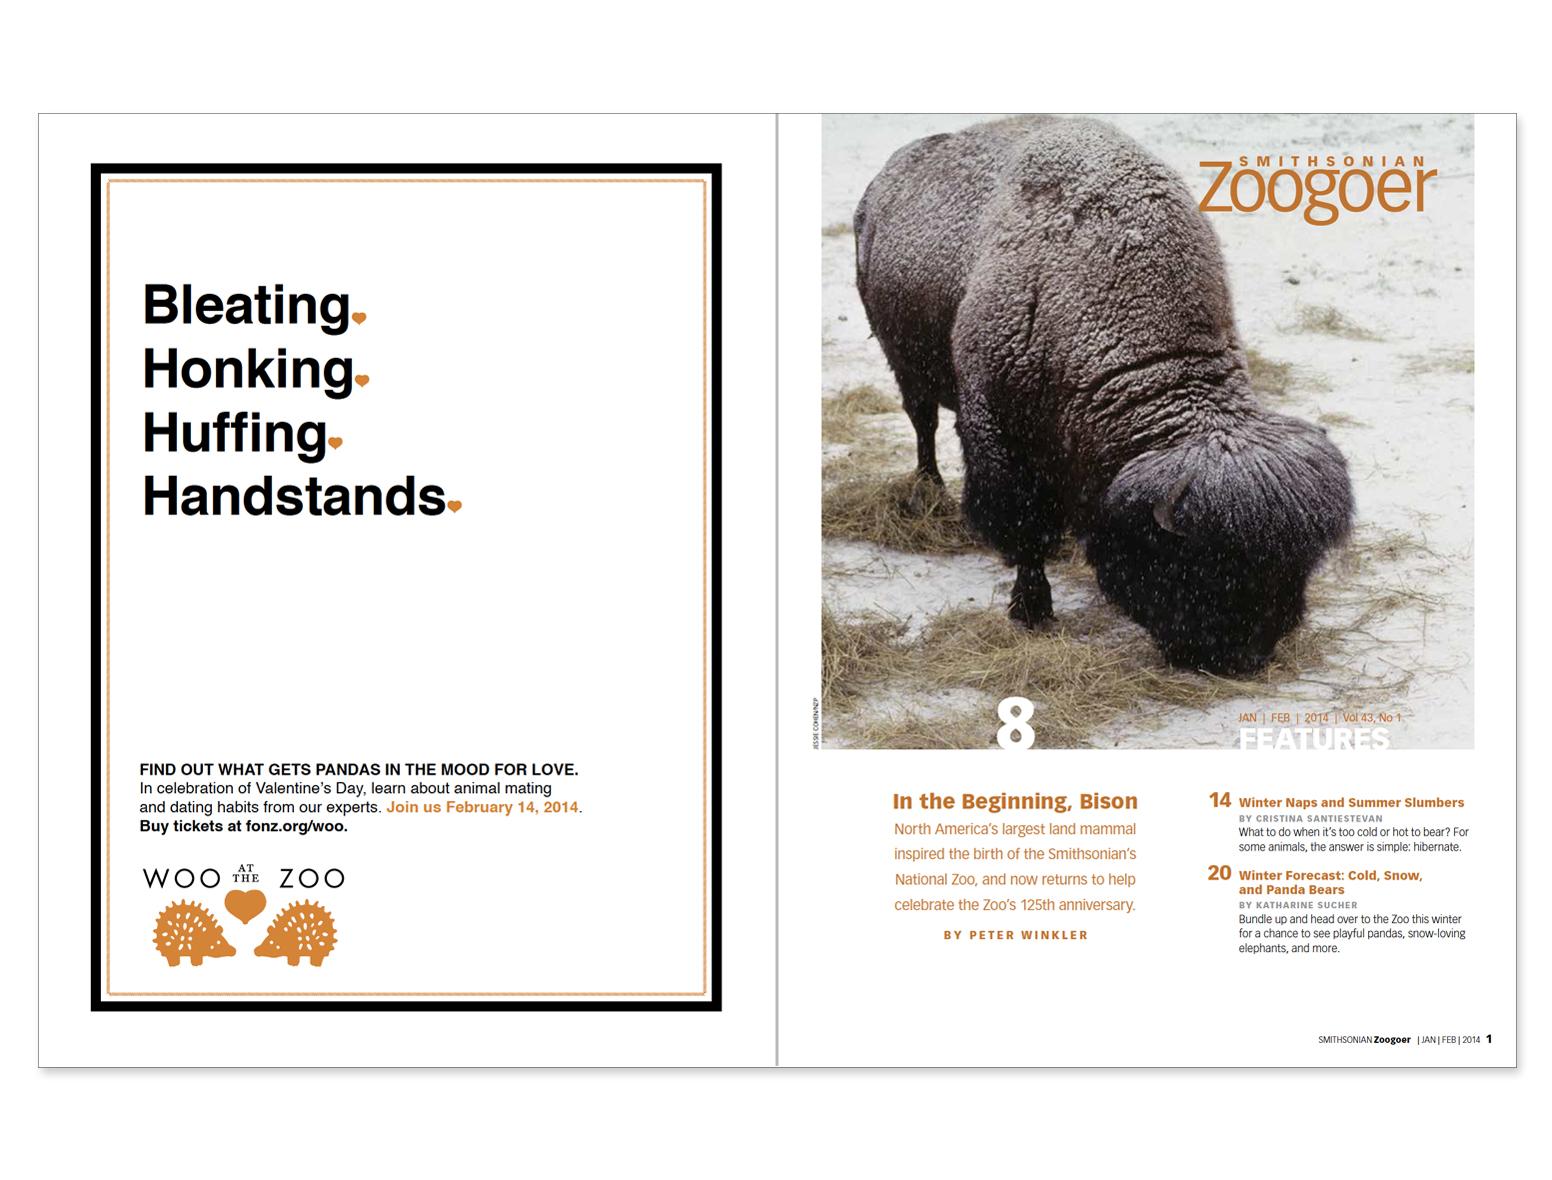 Zoogoer2.jpg